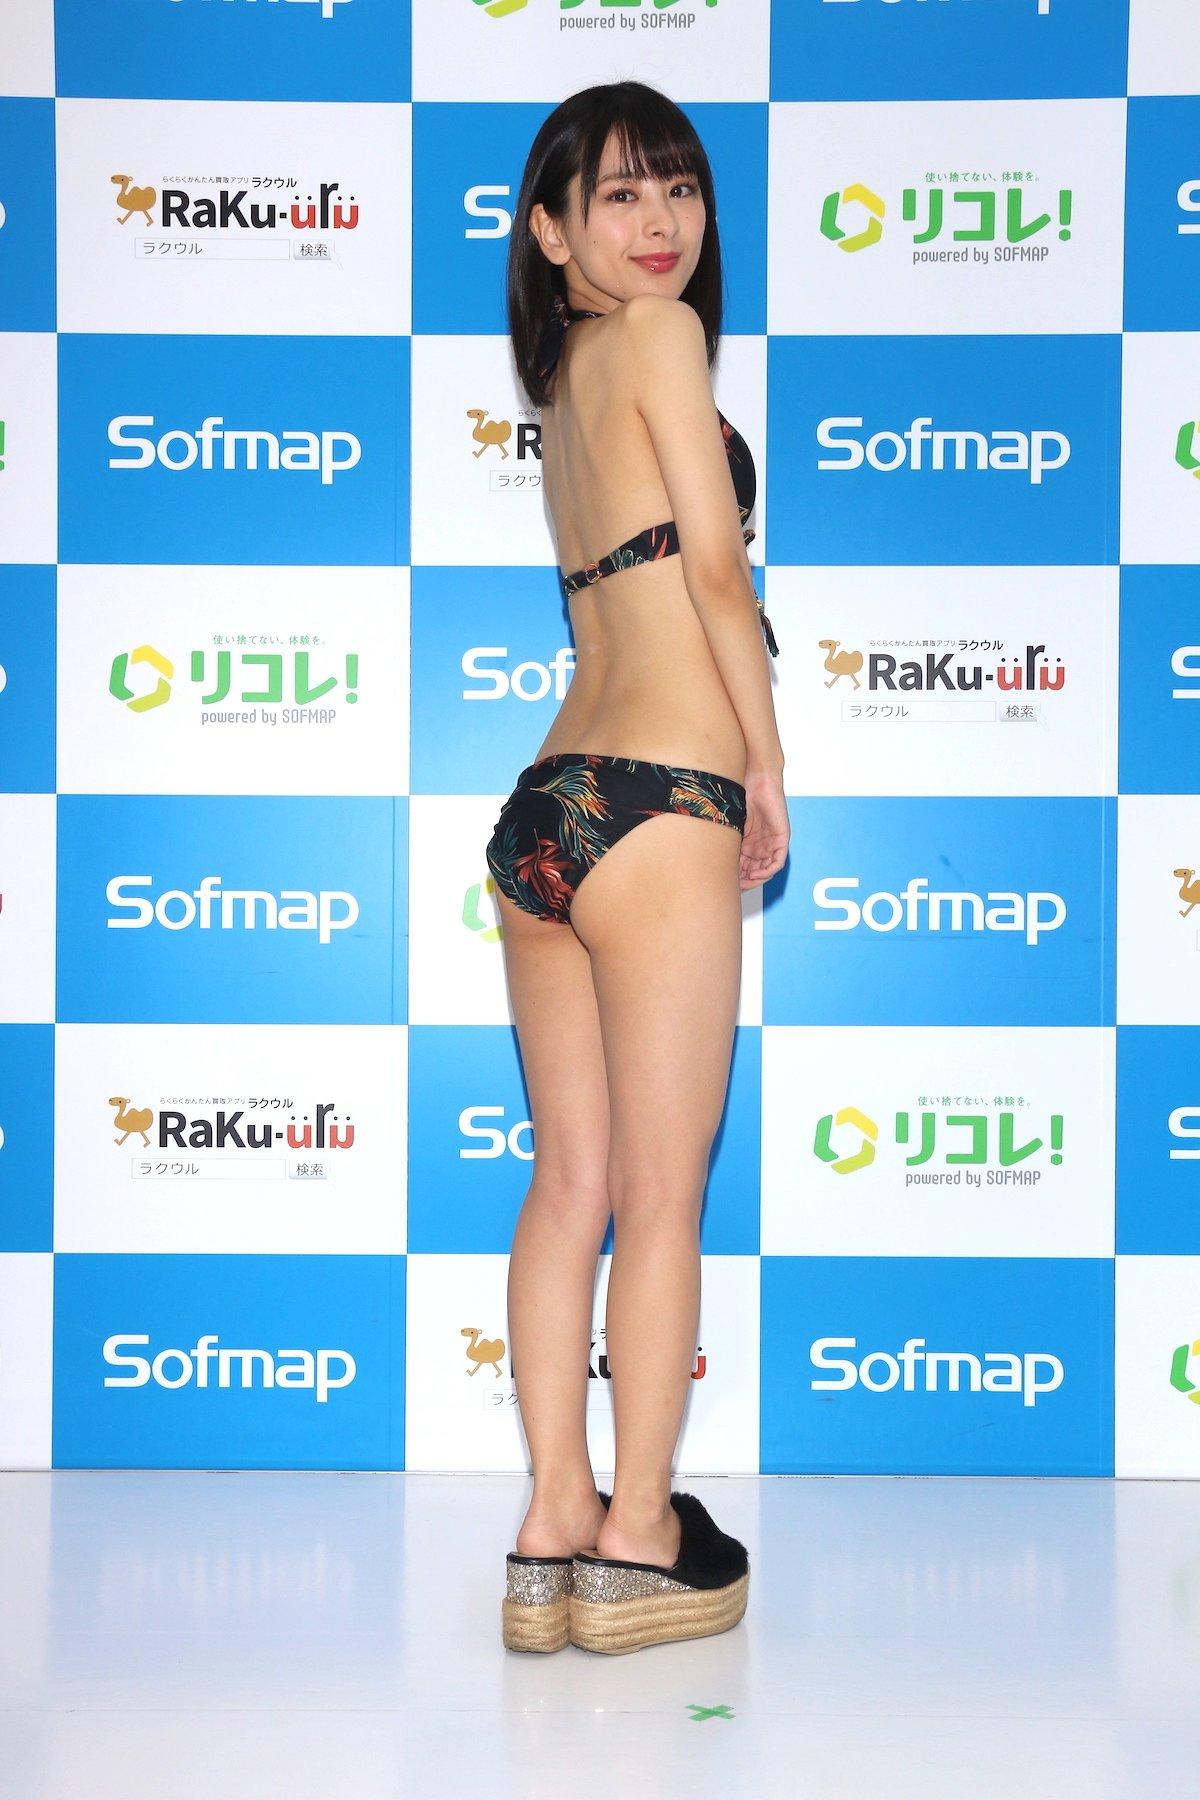 牧野澪菜「144cmのセクシーボディ」スクール水着でやらかしちゃった【画像61枚】の画像010